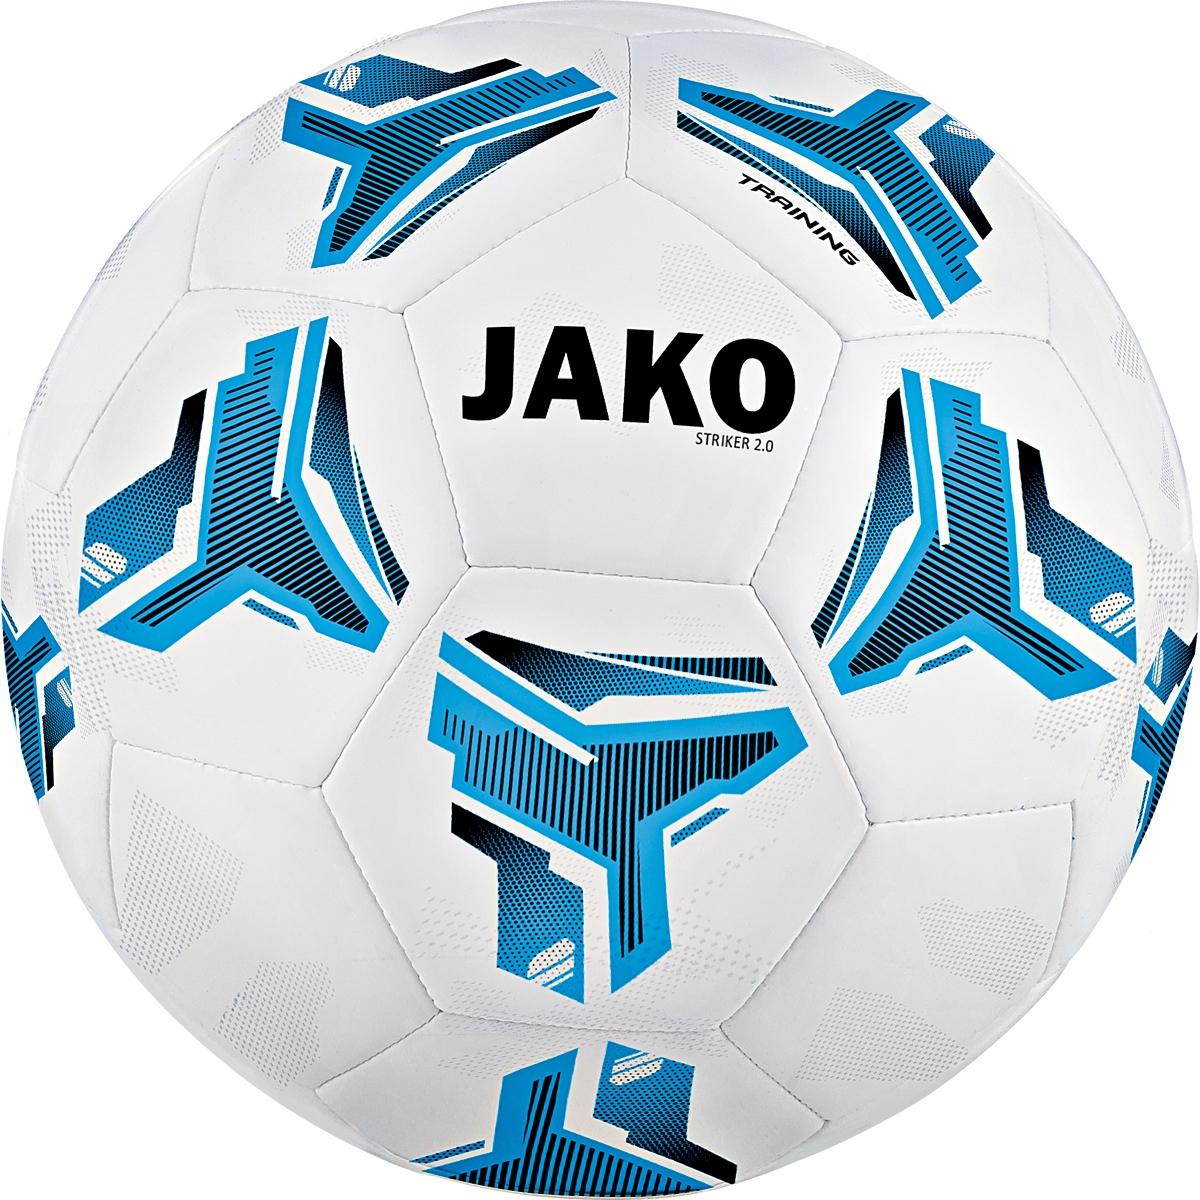 Jako Trikot Striker 2.0 Fußball Handball Herren Kinder Volleyball Training Sport